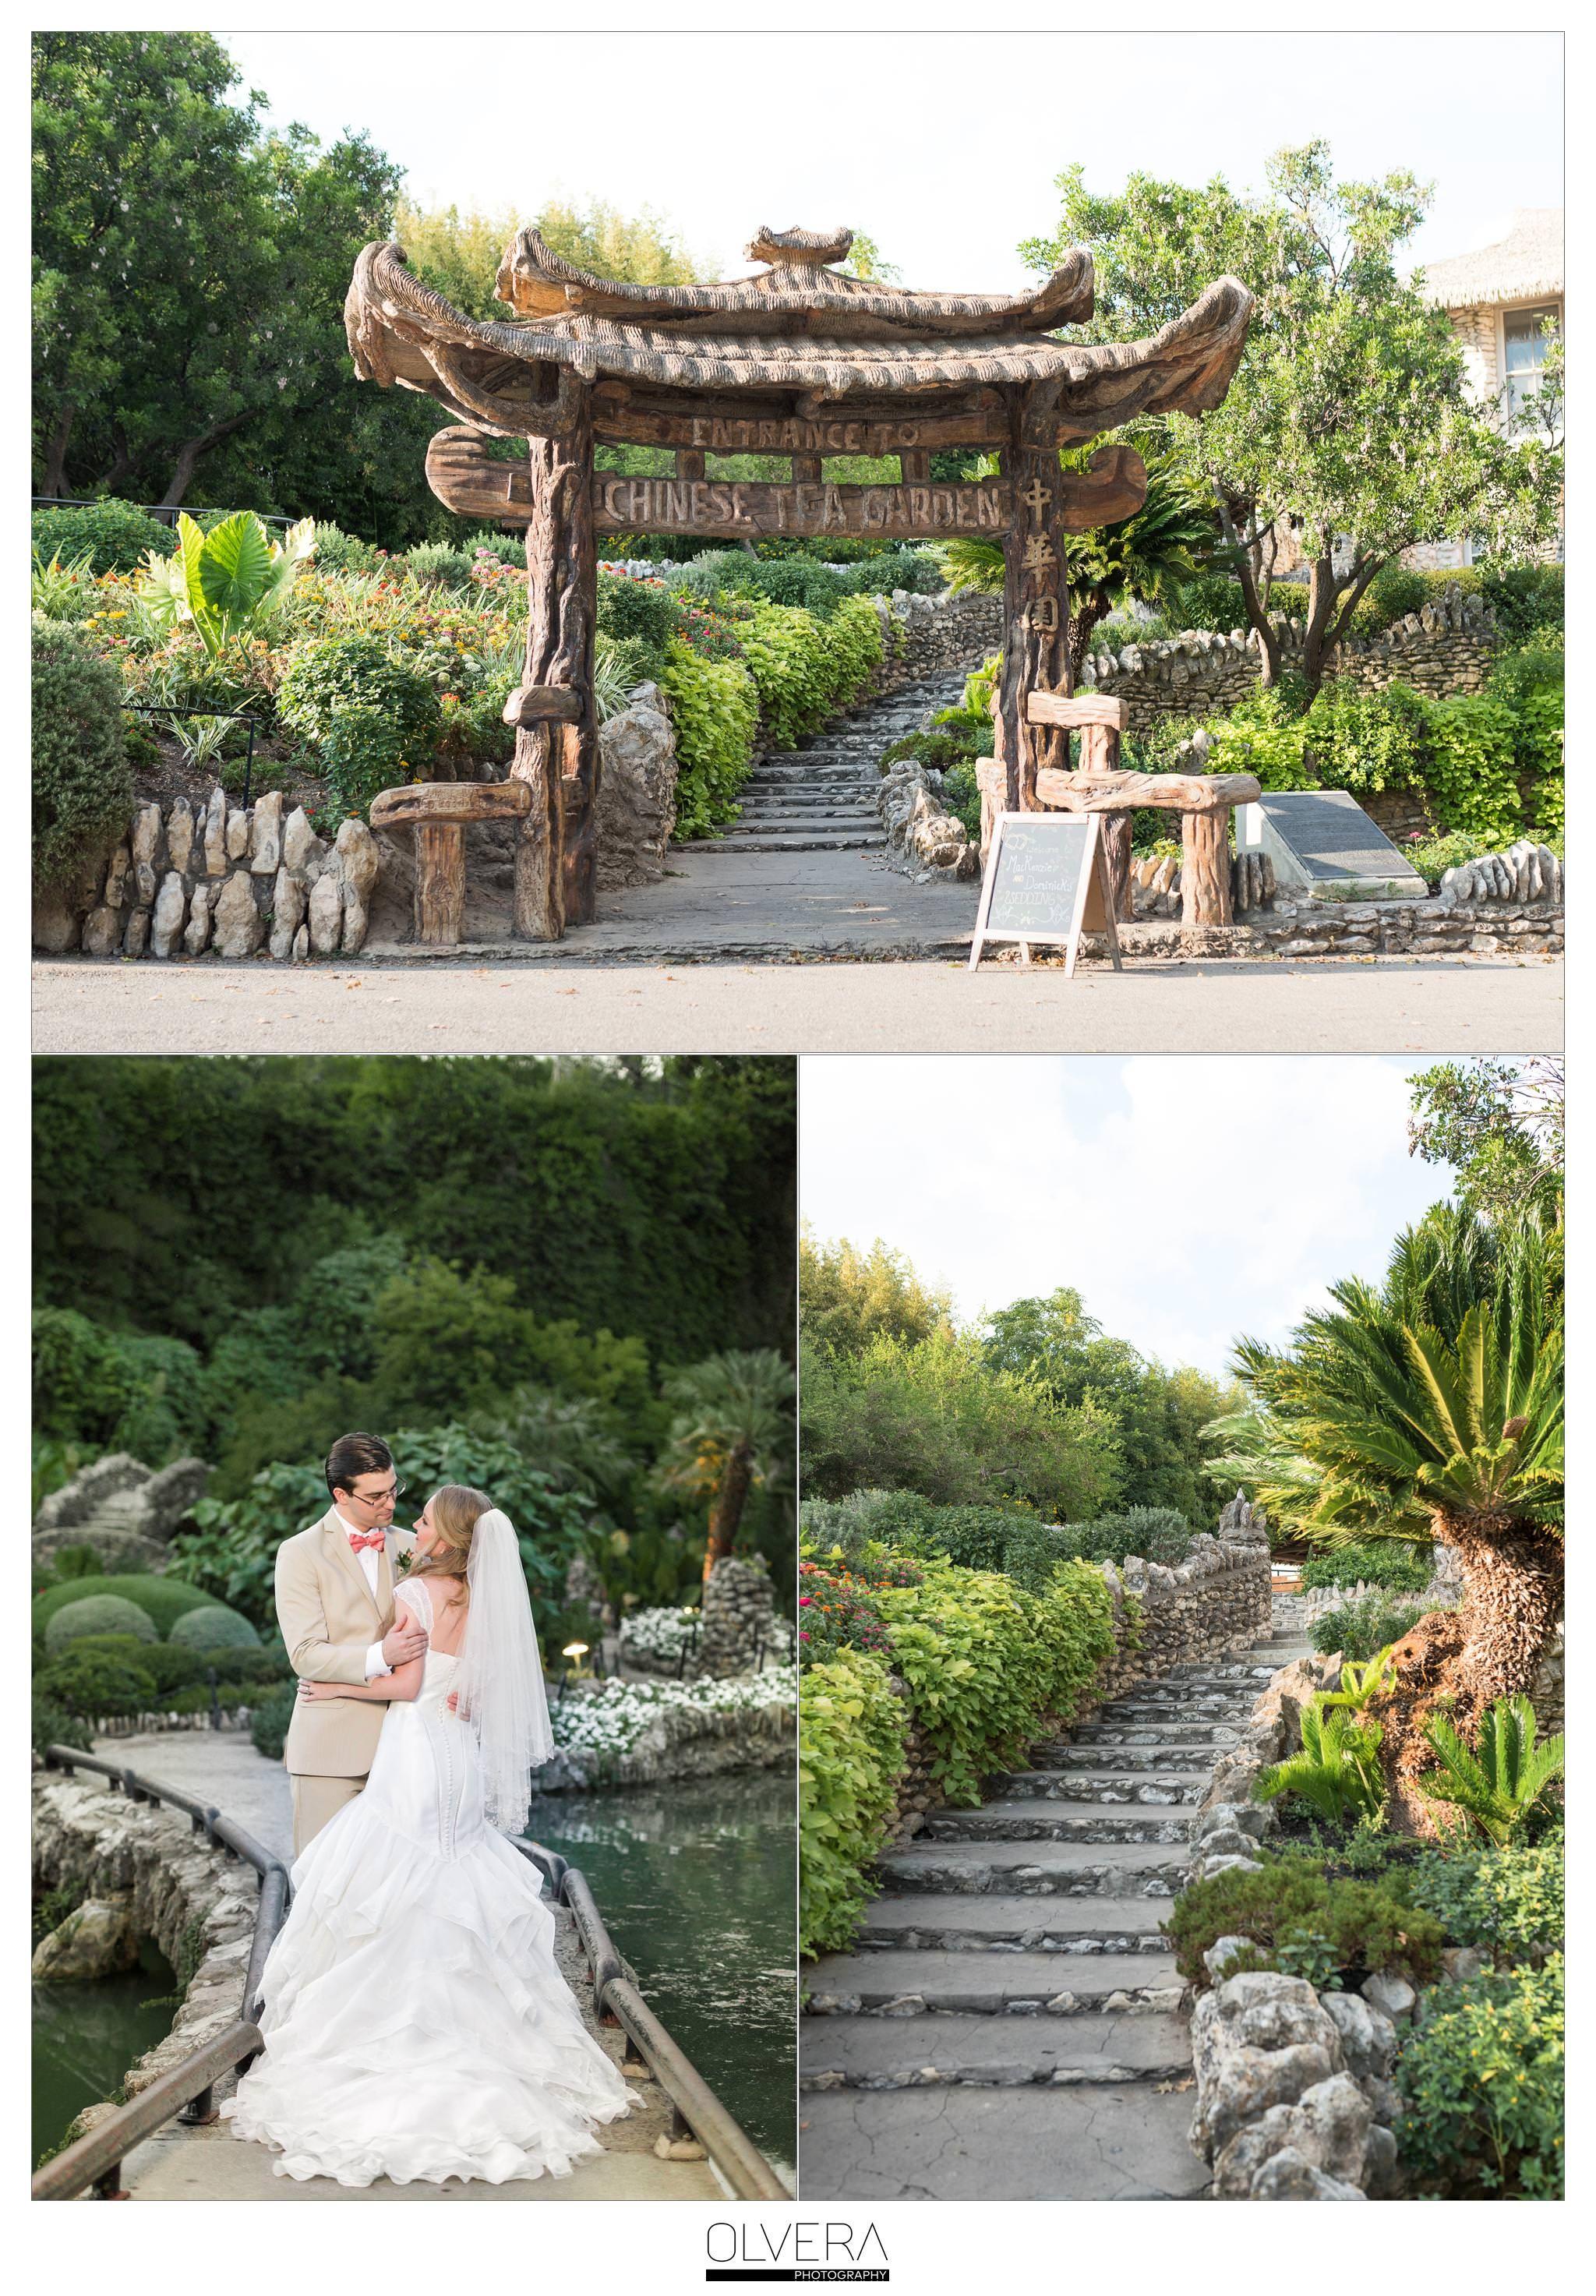 Japanese Tea Garden Intimate Wedding In San Antonio Tx San Antonio Engagement And Wedding San Antonio Japanese Tea Garden San Antonio Photography Tea Garden